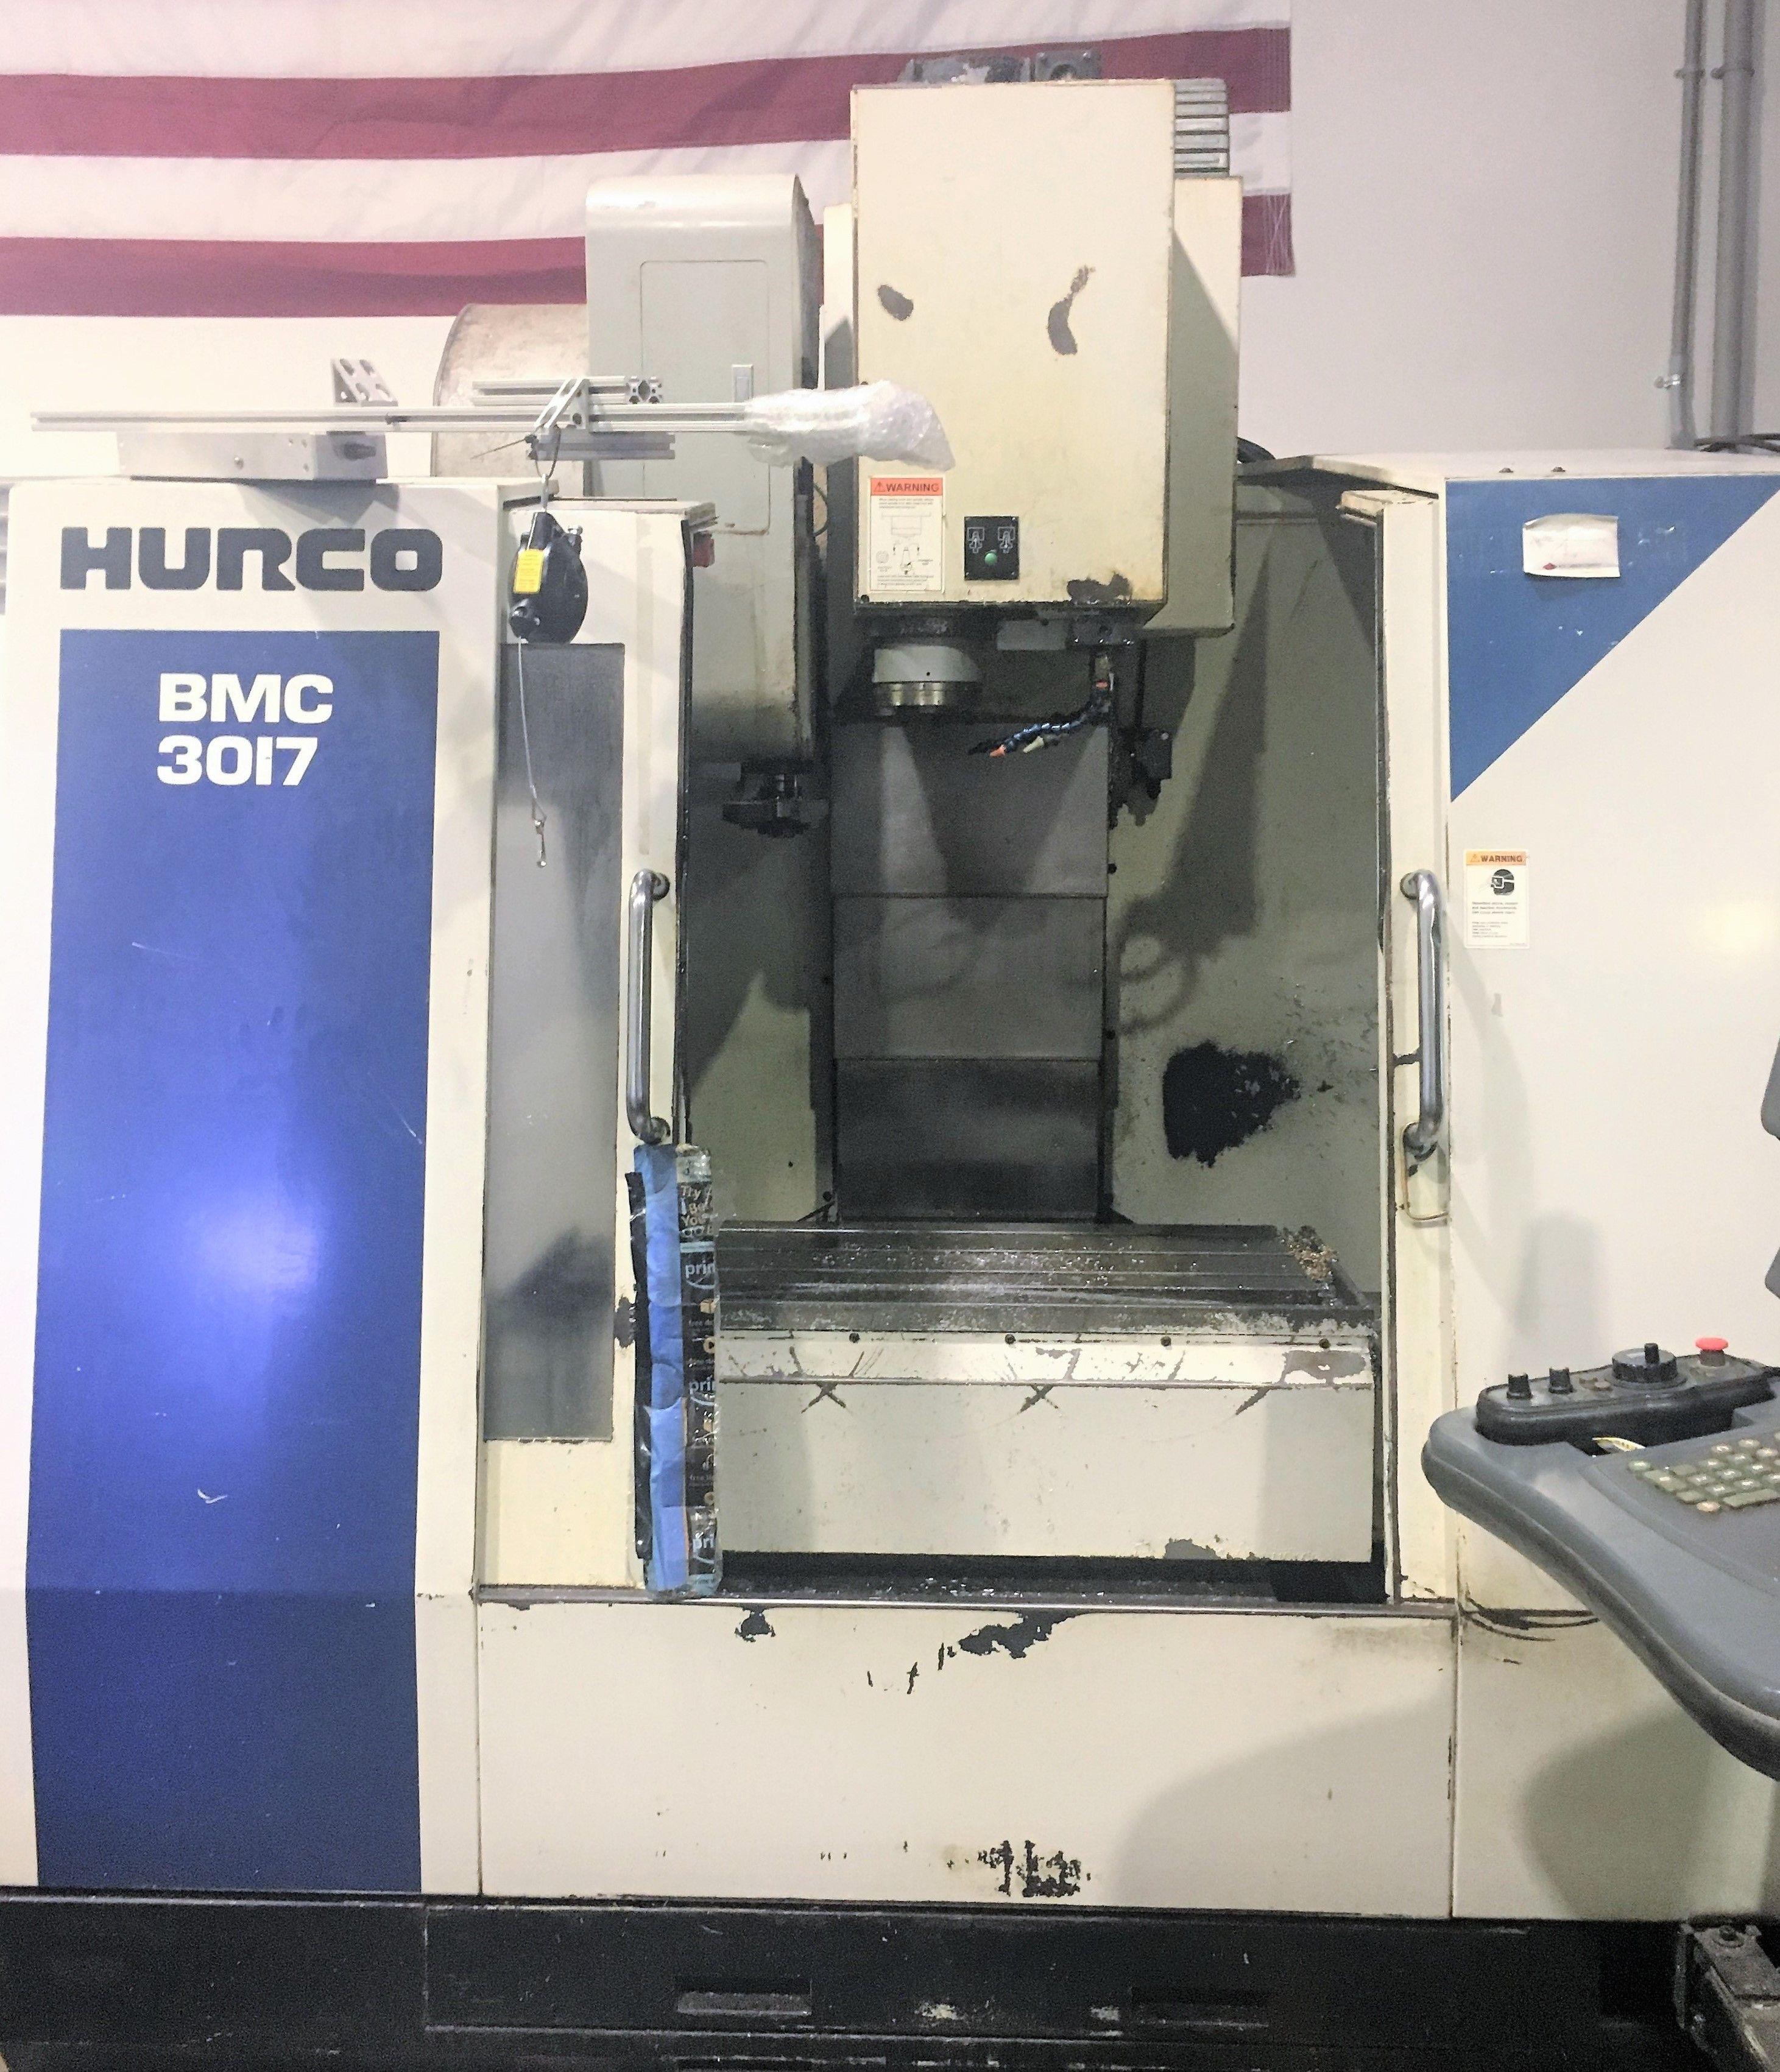 HURCO BMC3017